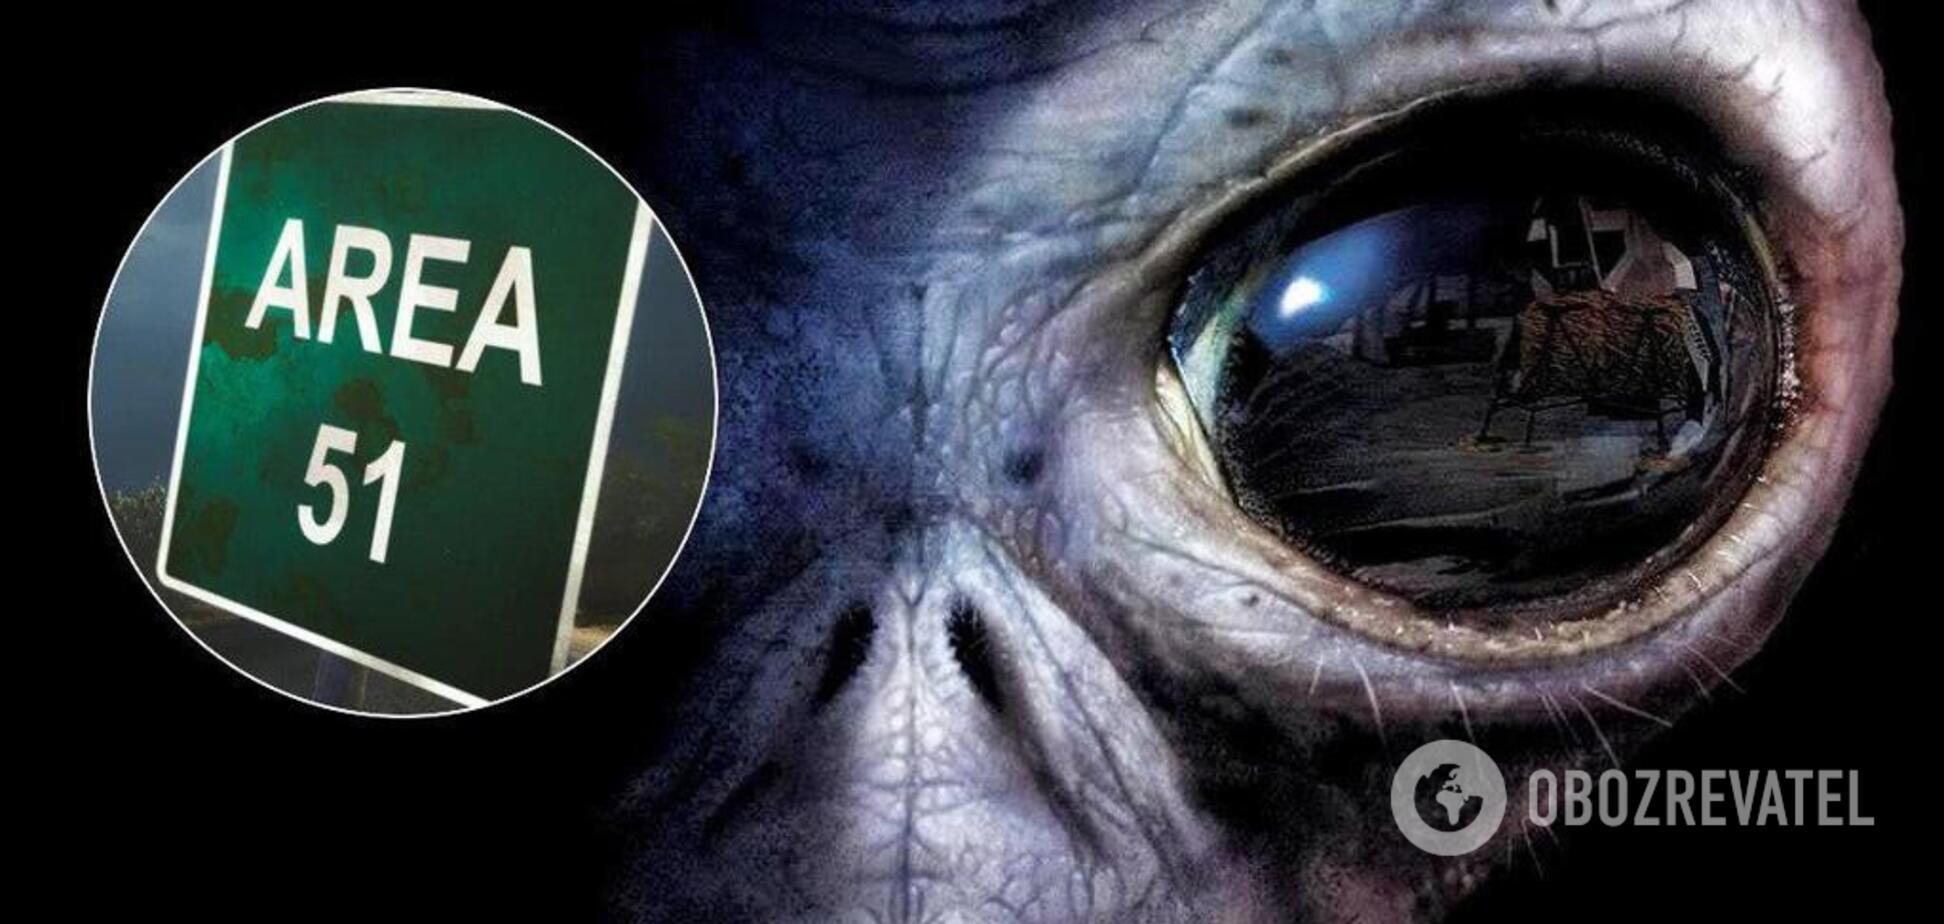 В США прошел штурм секретной Зоны 51: как это было. Видео